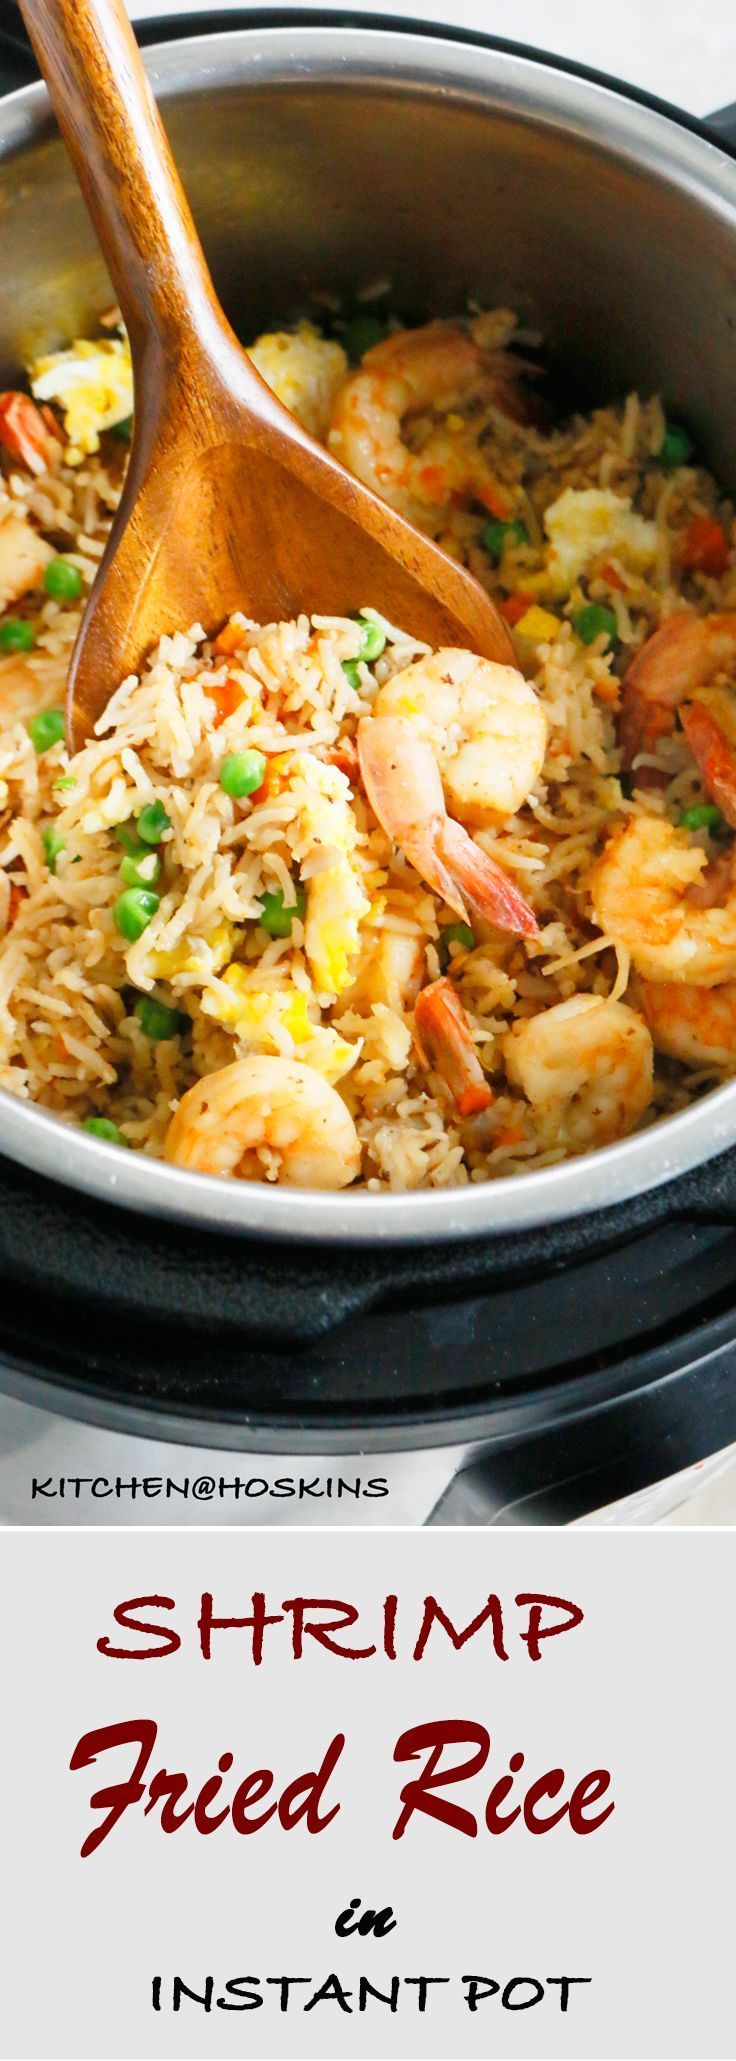 Shrimp fried Rice in Instant Pot - Pressure Cooker Shrimp Fried Rice